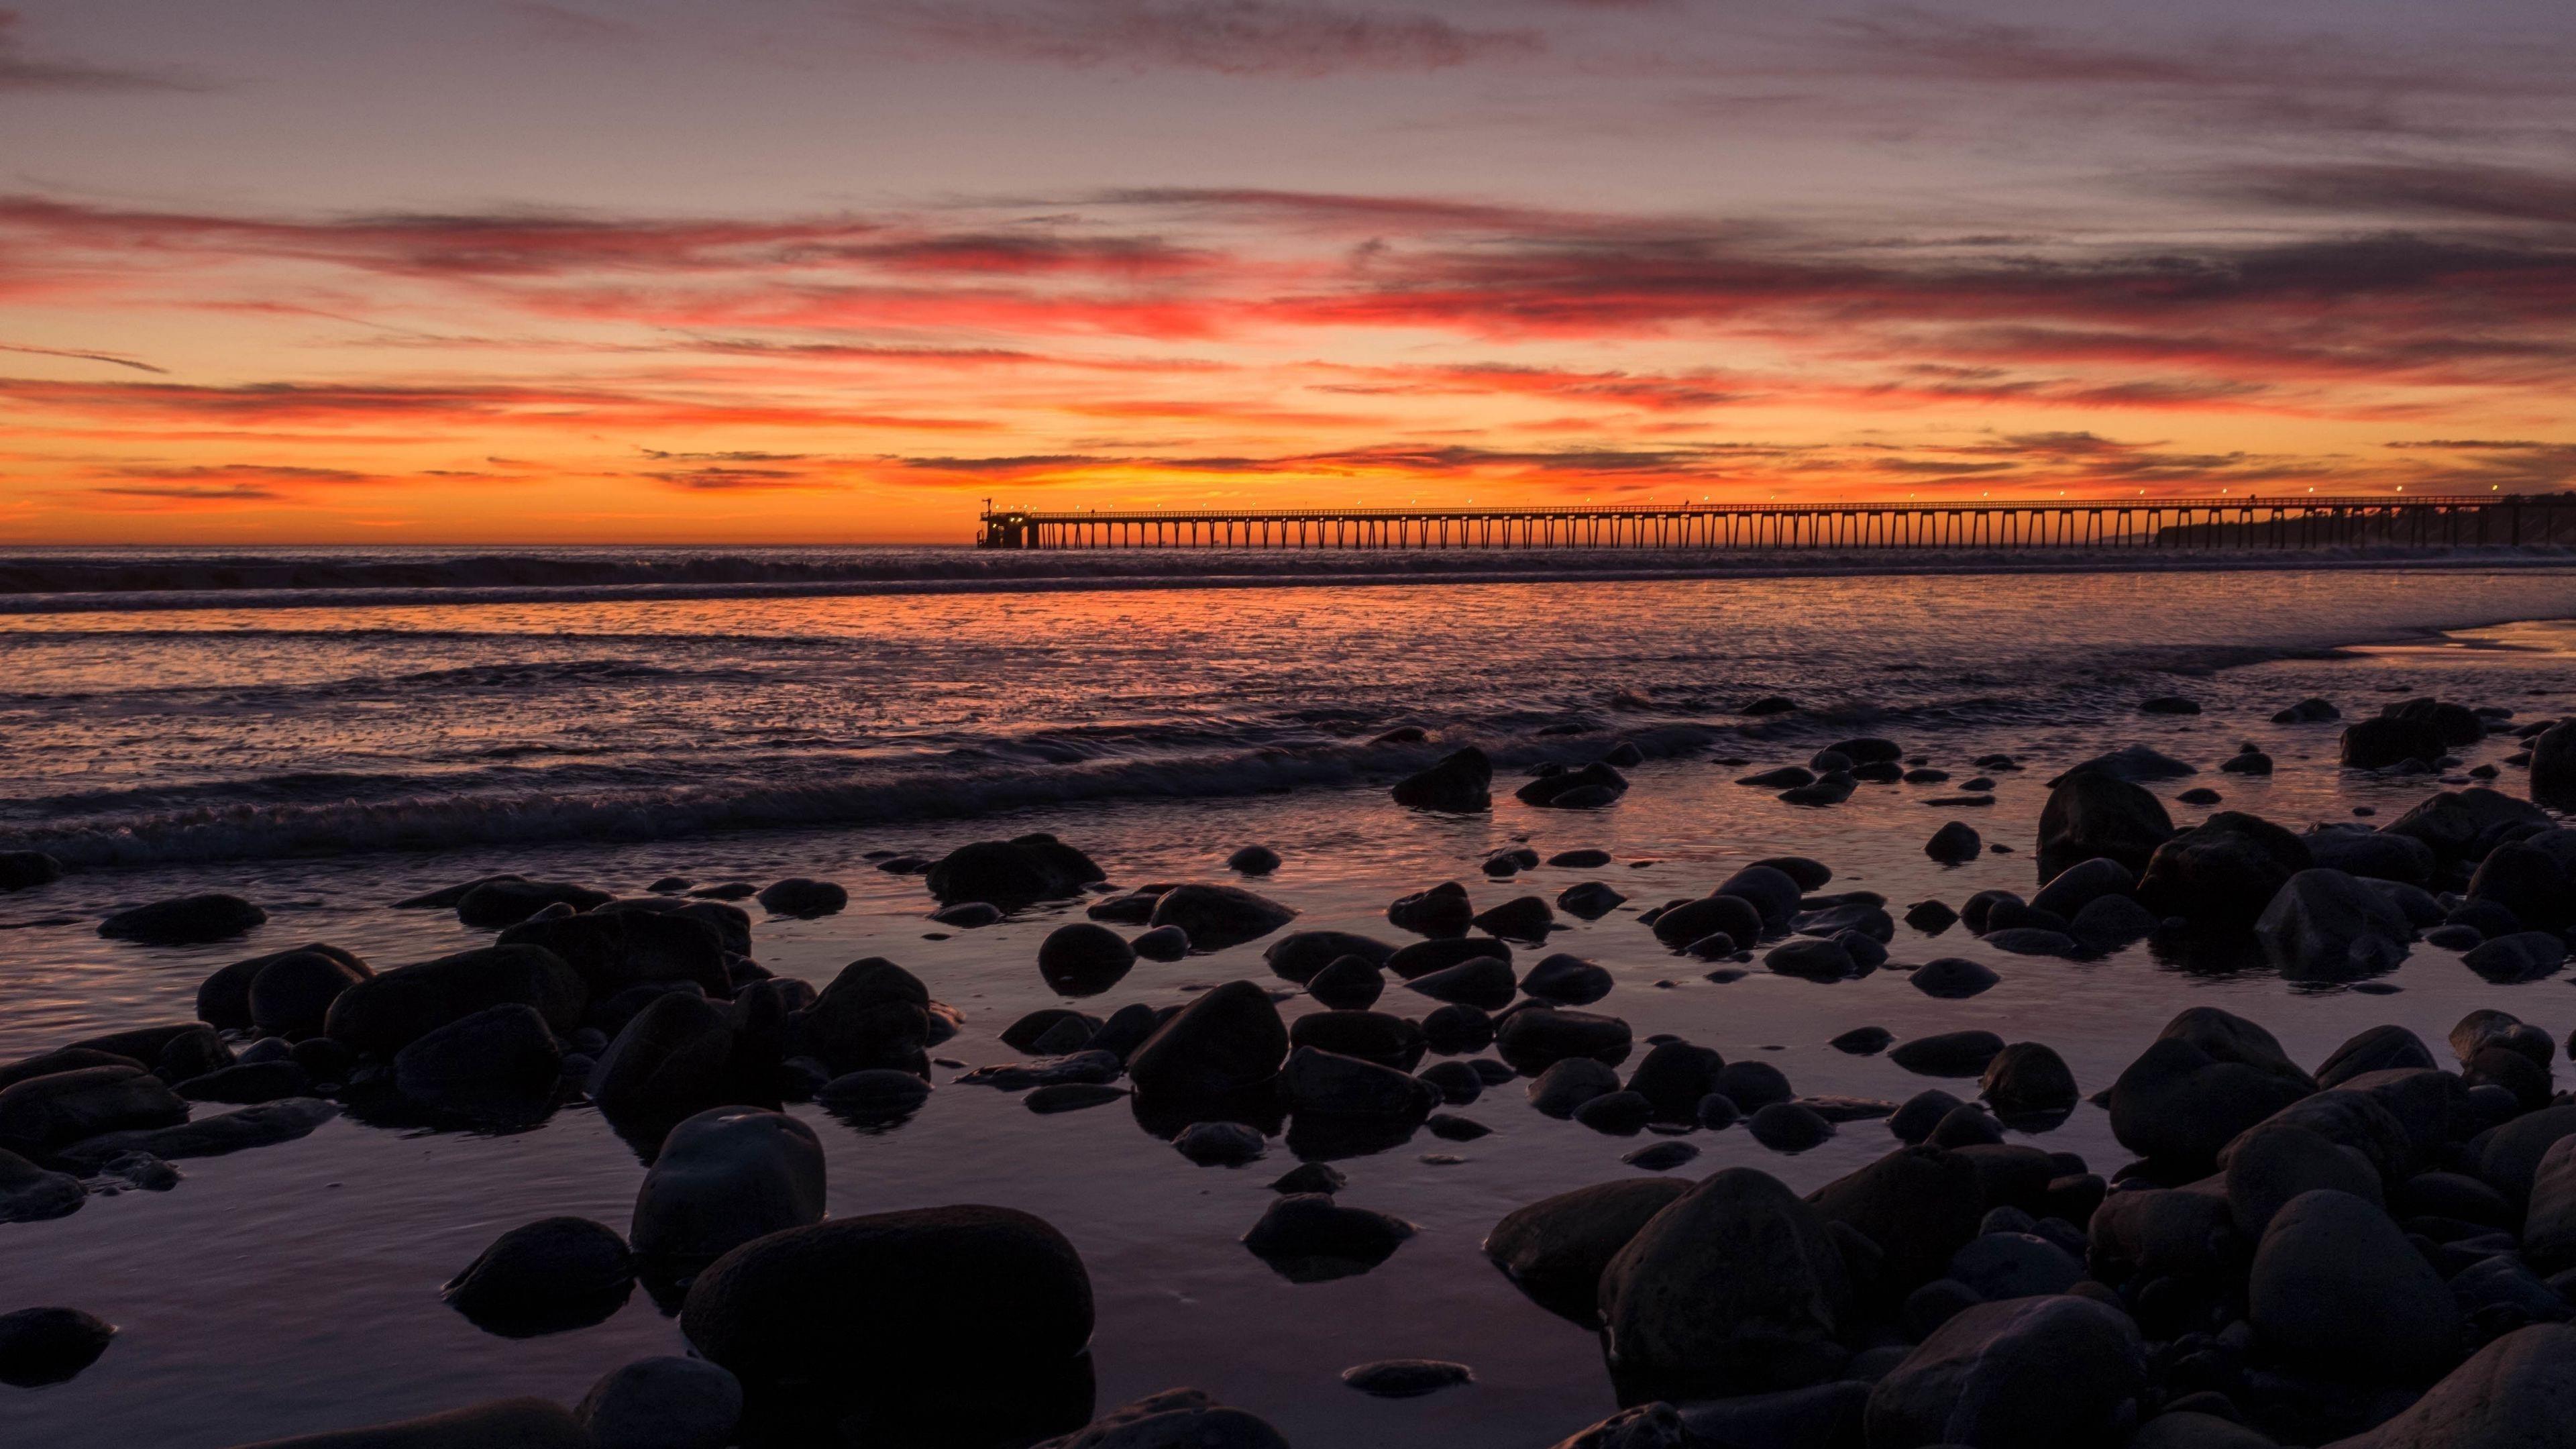 Закат, мост, море, скалы, облака обои скачать